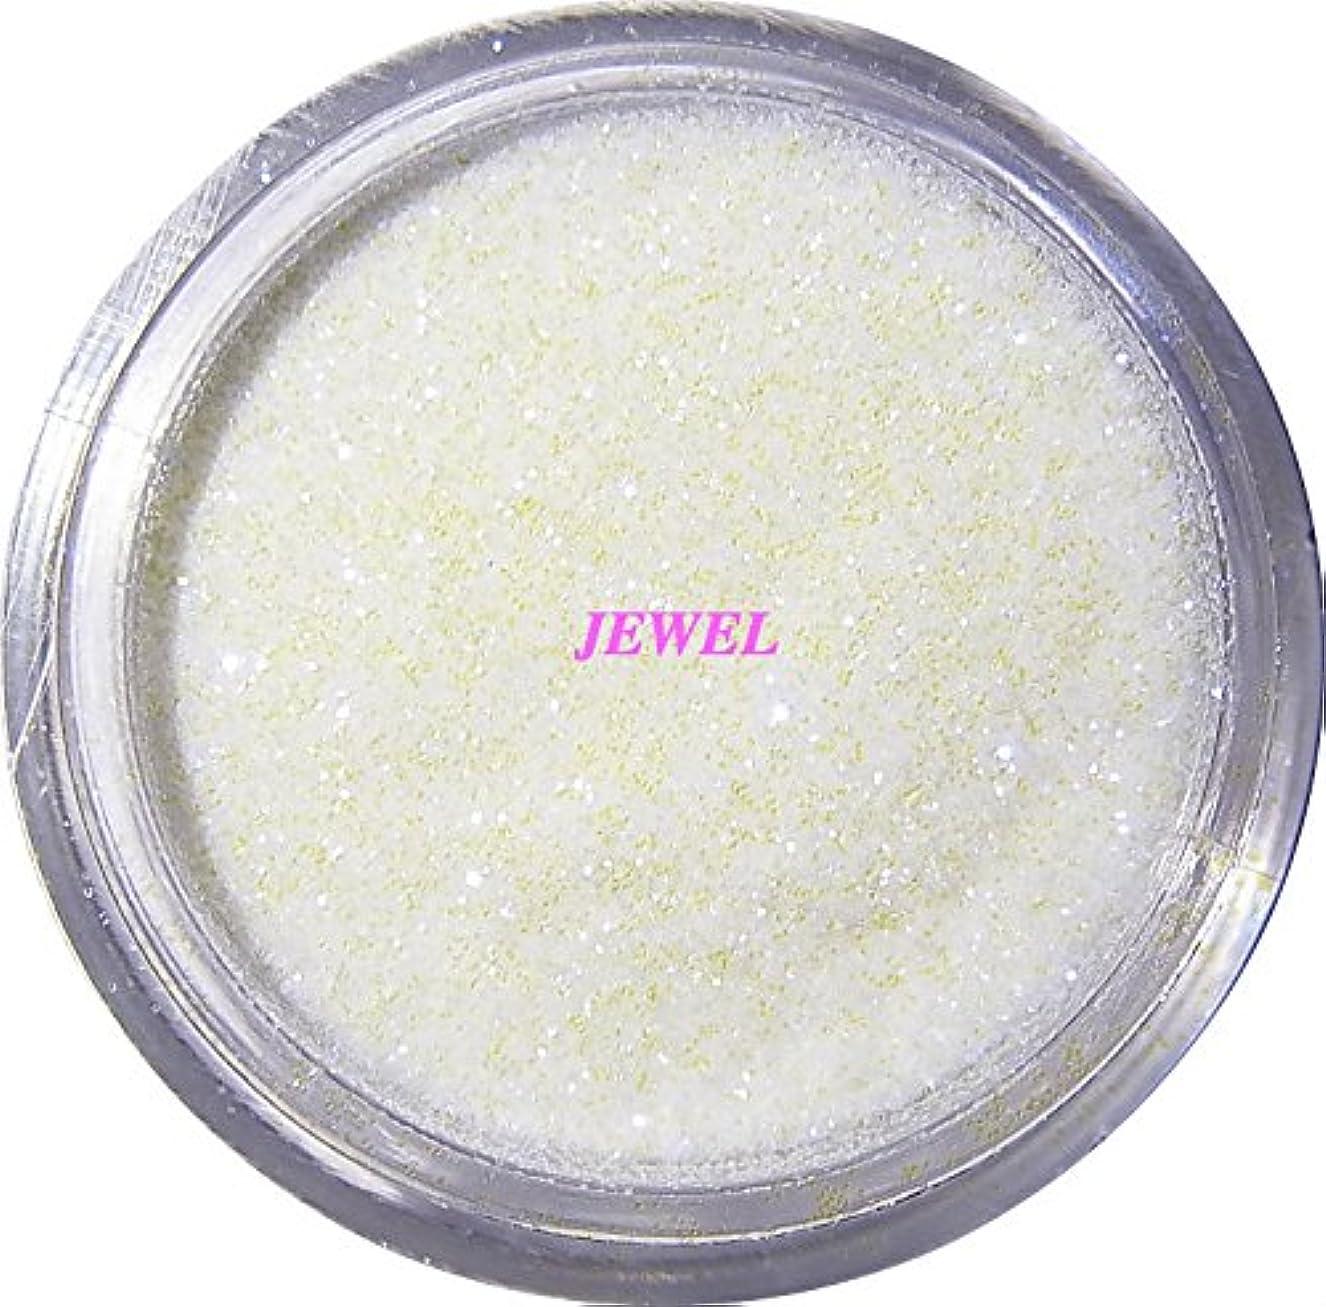 【jewel】 超微粒子ラメパウダー(白/パールホワイト) 256/1サイズ 2g入り グリッター レジン&ネイル用